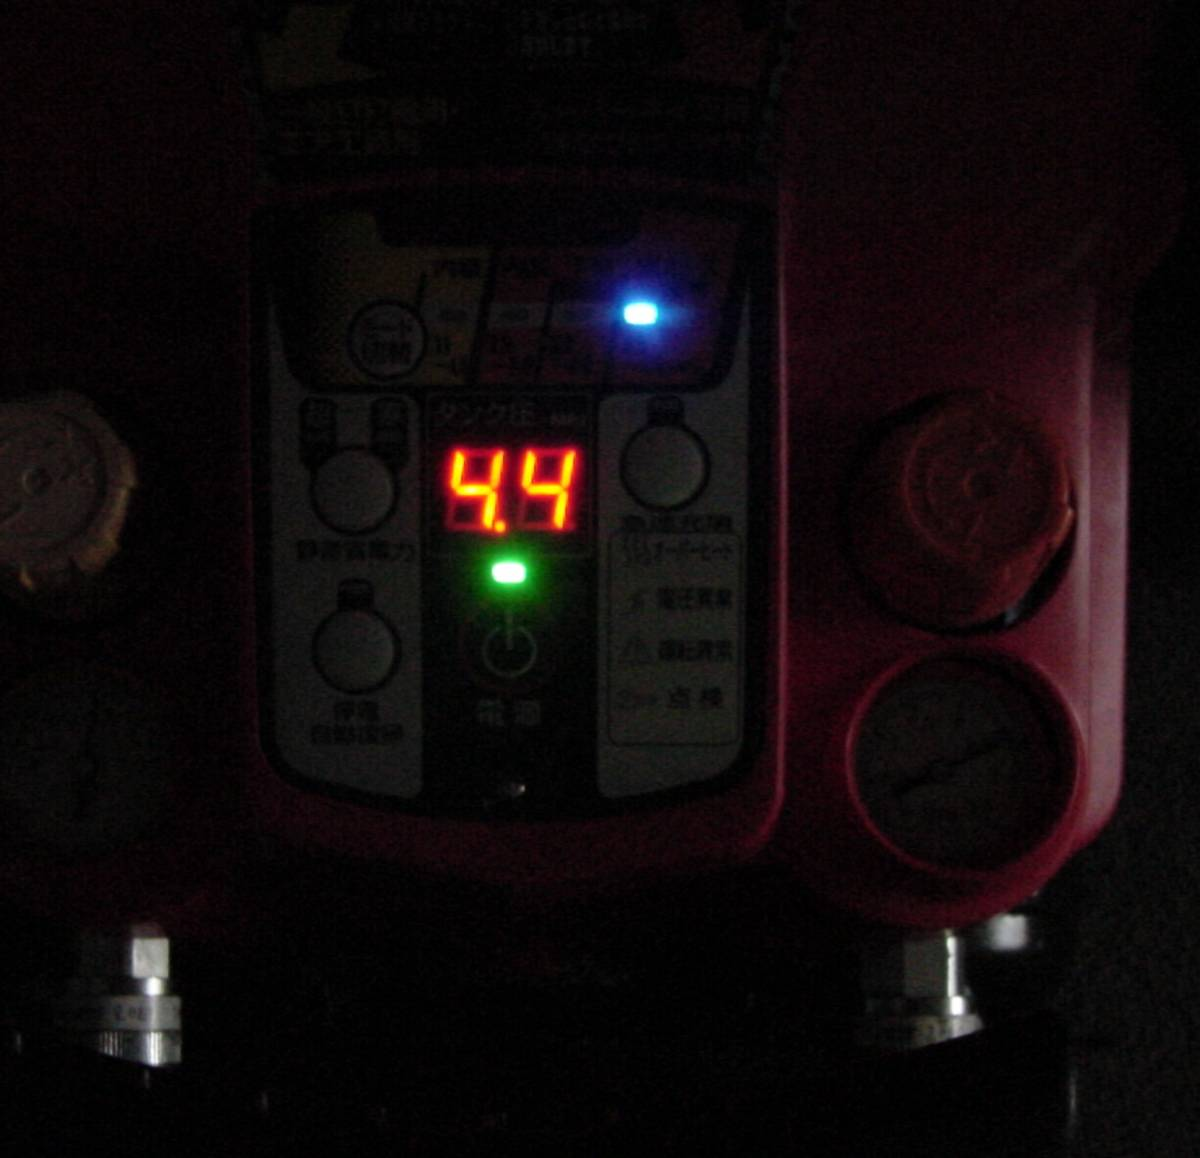 3ヶ月間保障付 MAXス-パーエアコンプレッサ AK-HH1250E  ③  満タン早い  静か 4口共高圧仕様 増設カプラ付_画像4